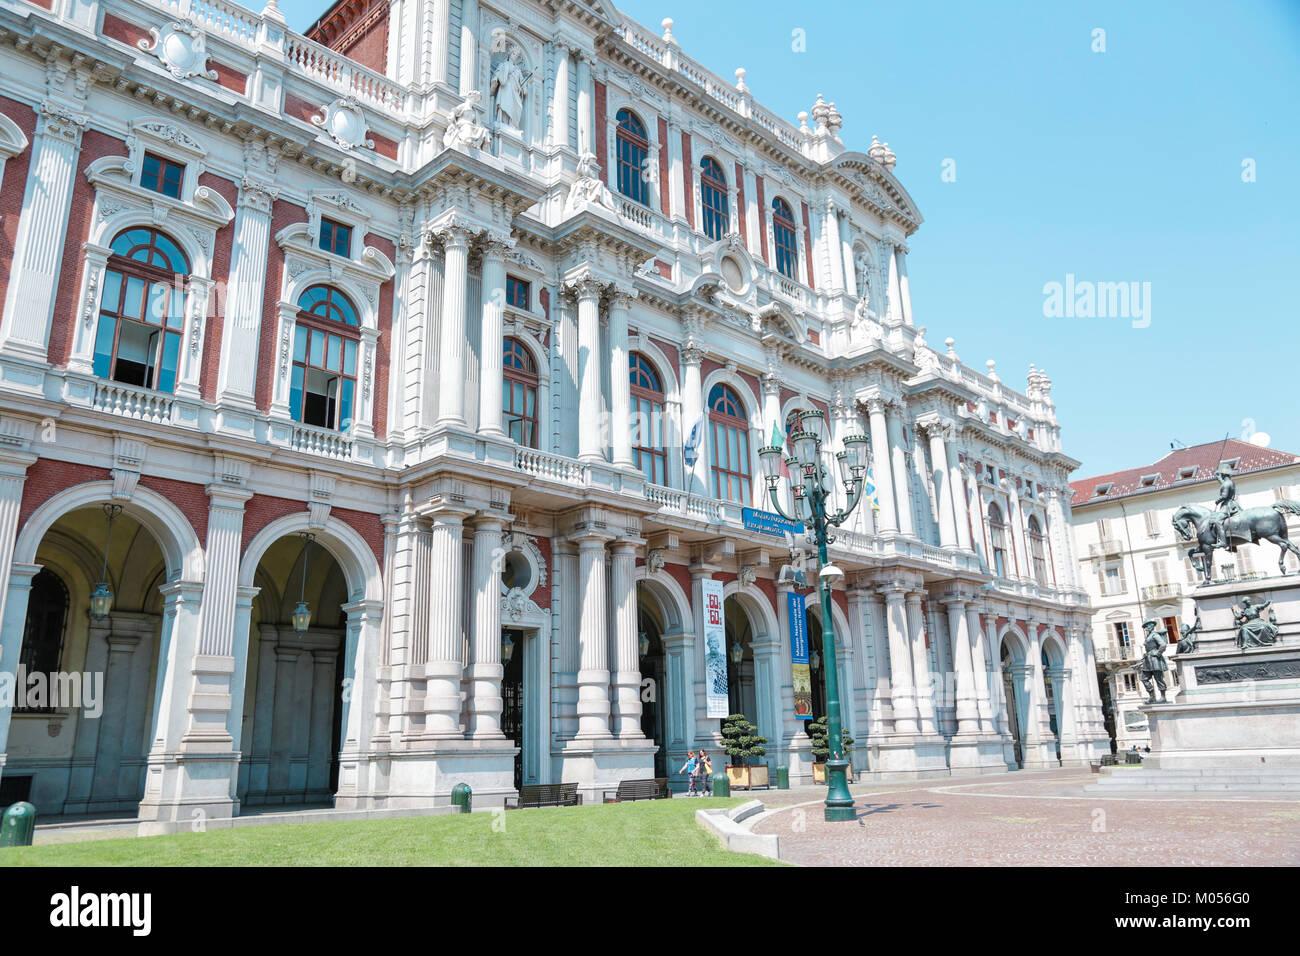 Museo Nazionale Del Risorgimento Italiano.Museo Nazionale Del Risorgimento Italiano Stock Photos Museo